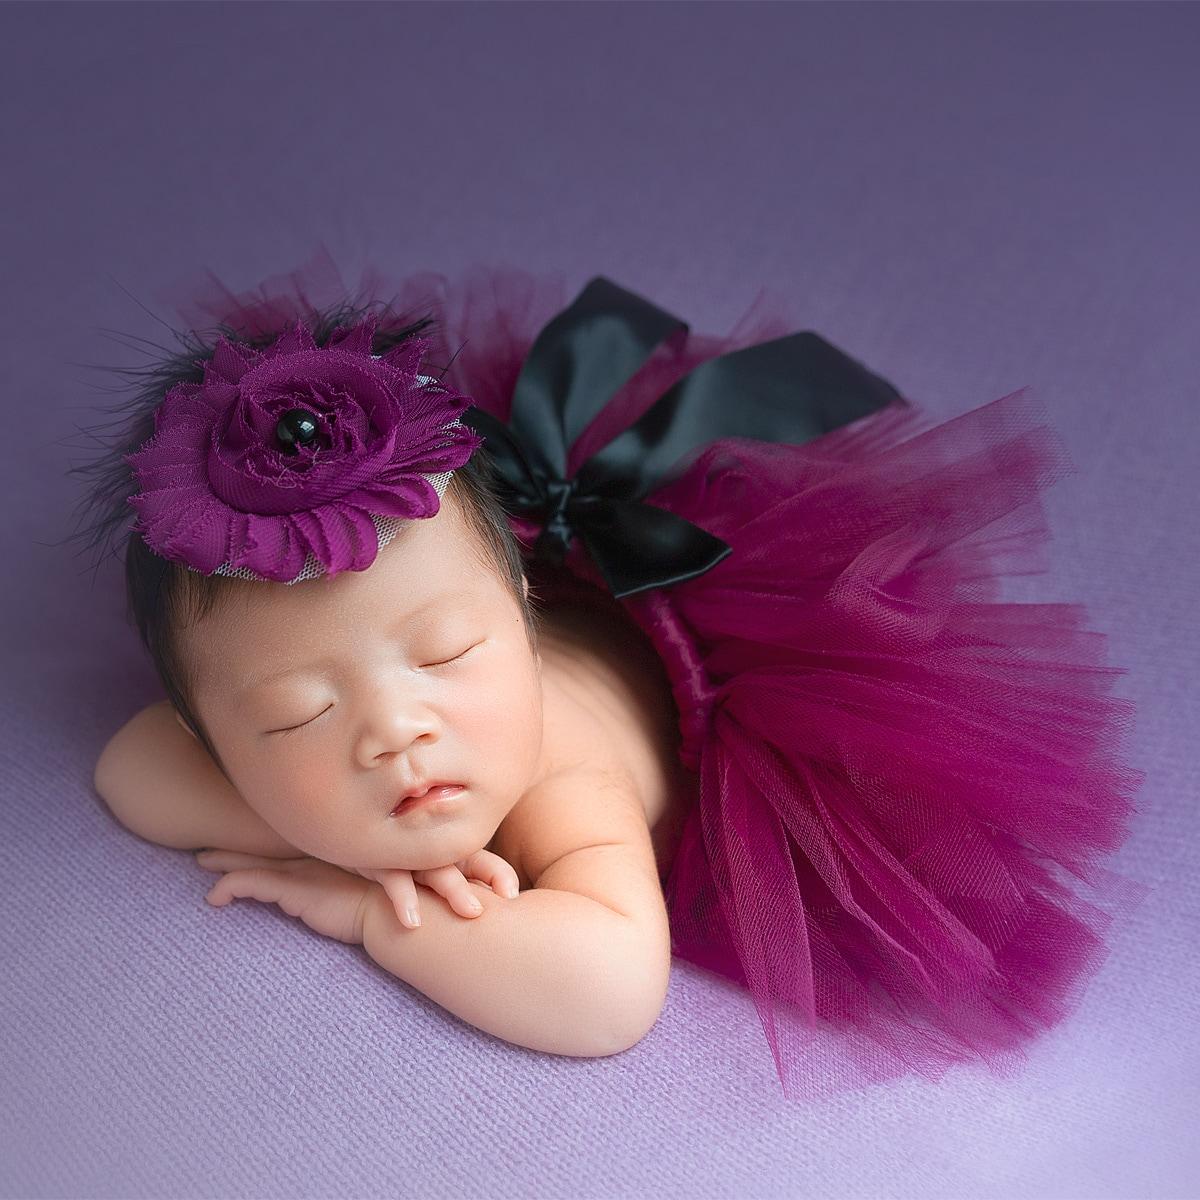 Наряд для фотографии сетчатая юбка с бантом и повязка на голову для новорожденных девочек